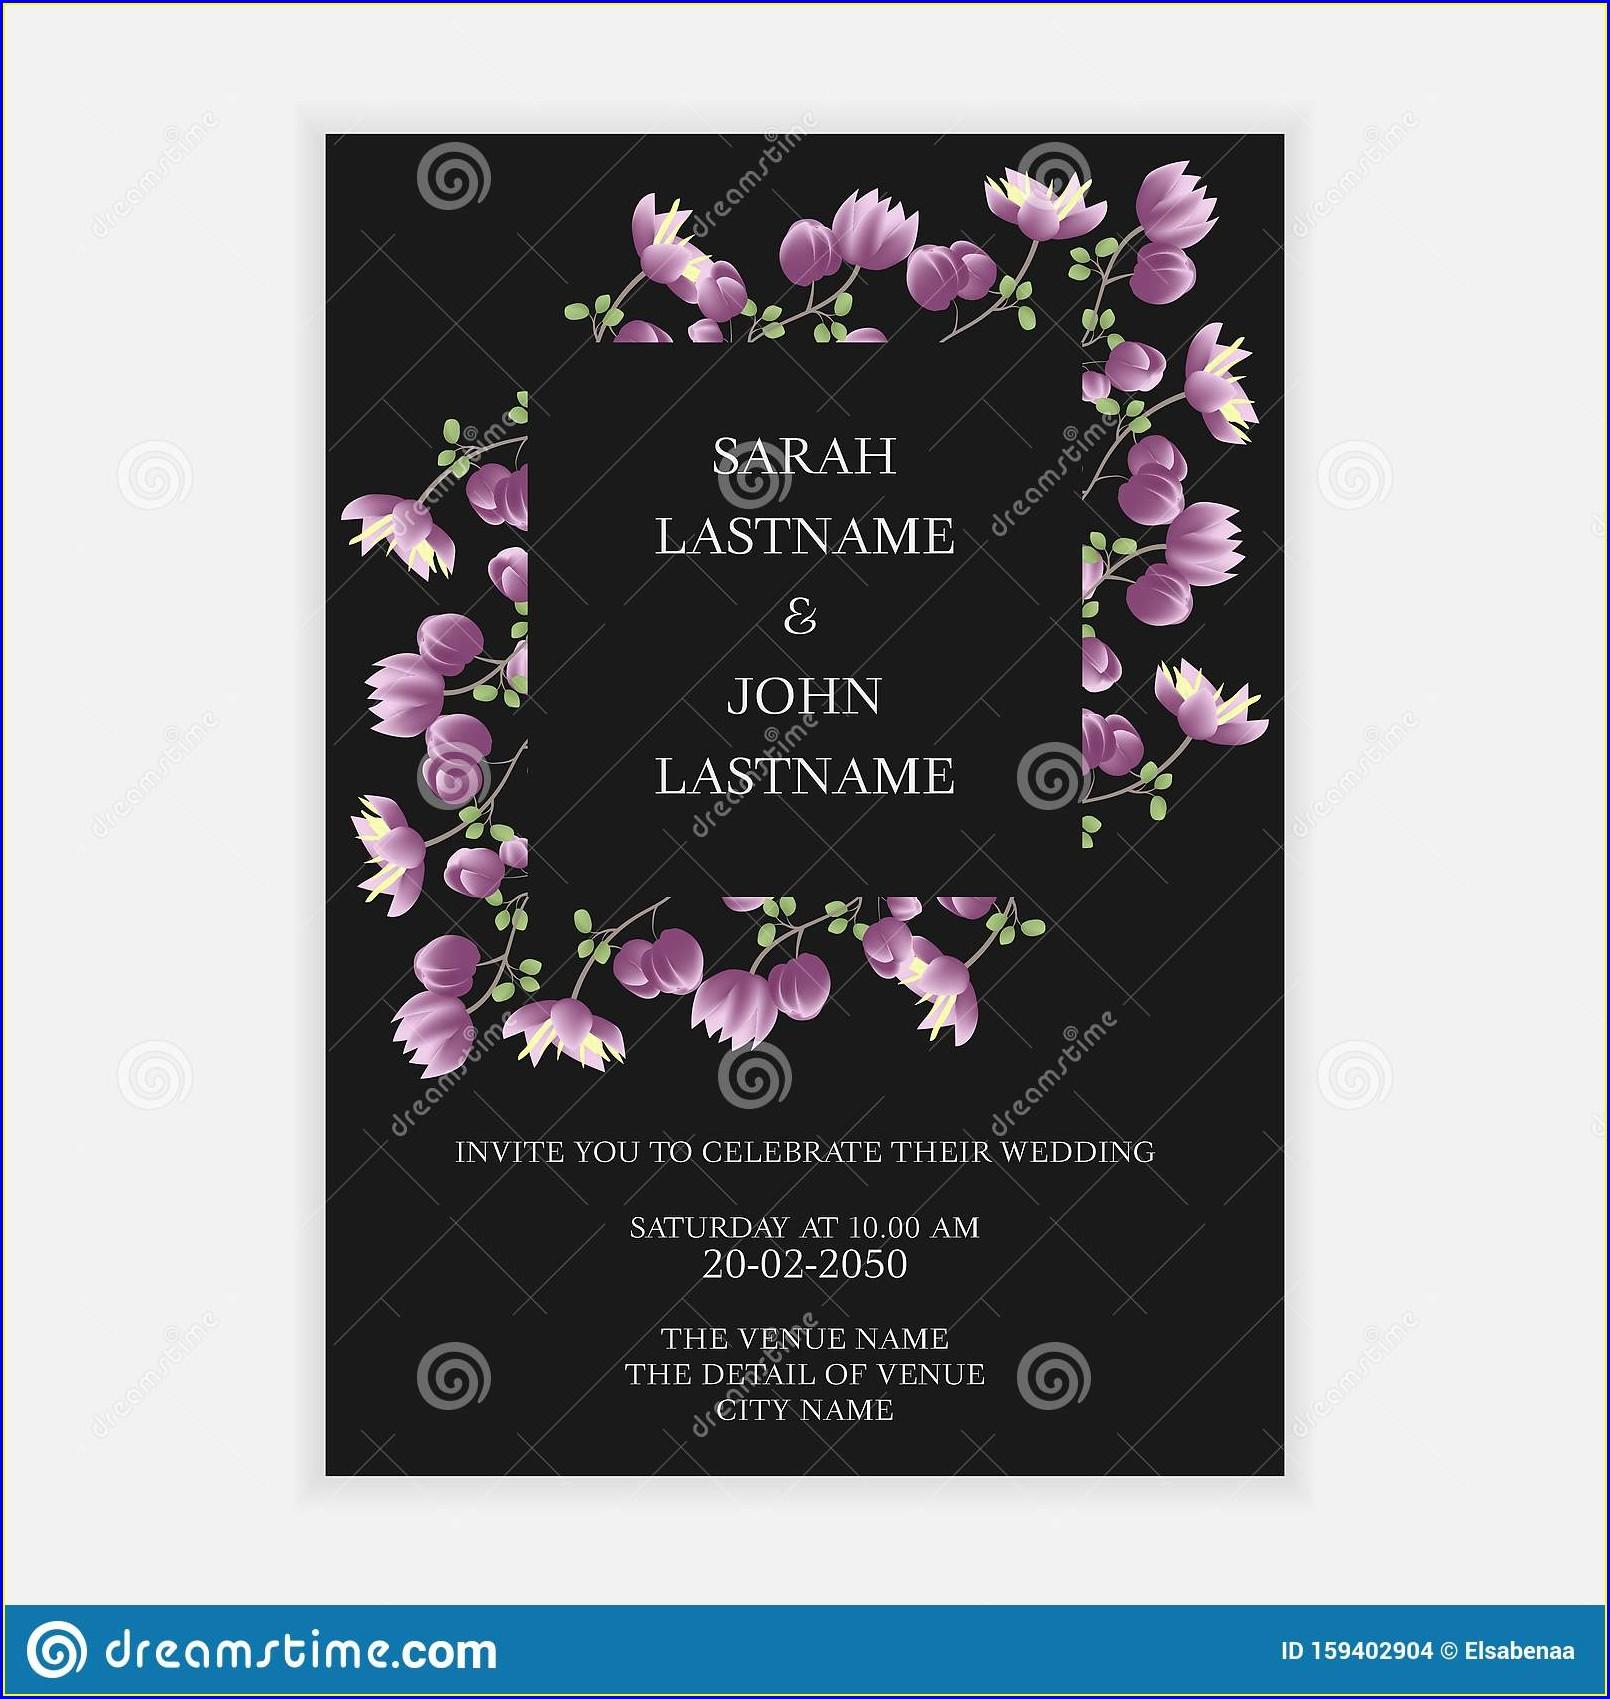 Purple Flower Invitation Template